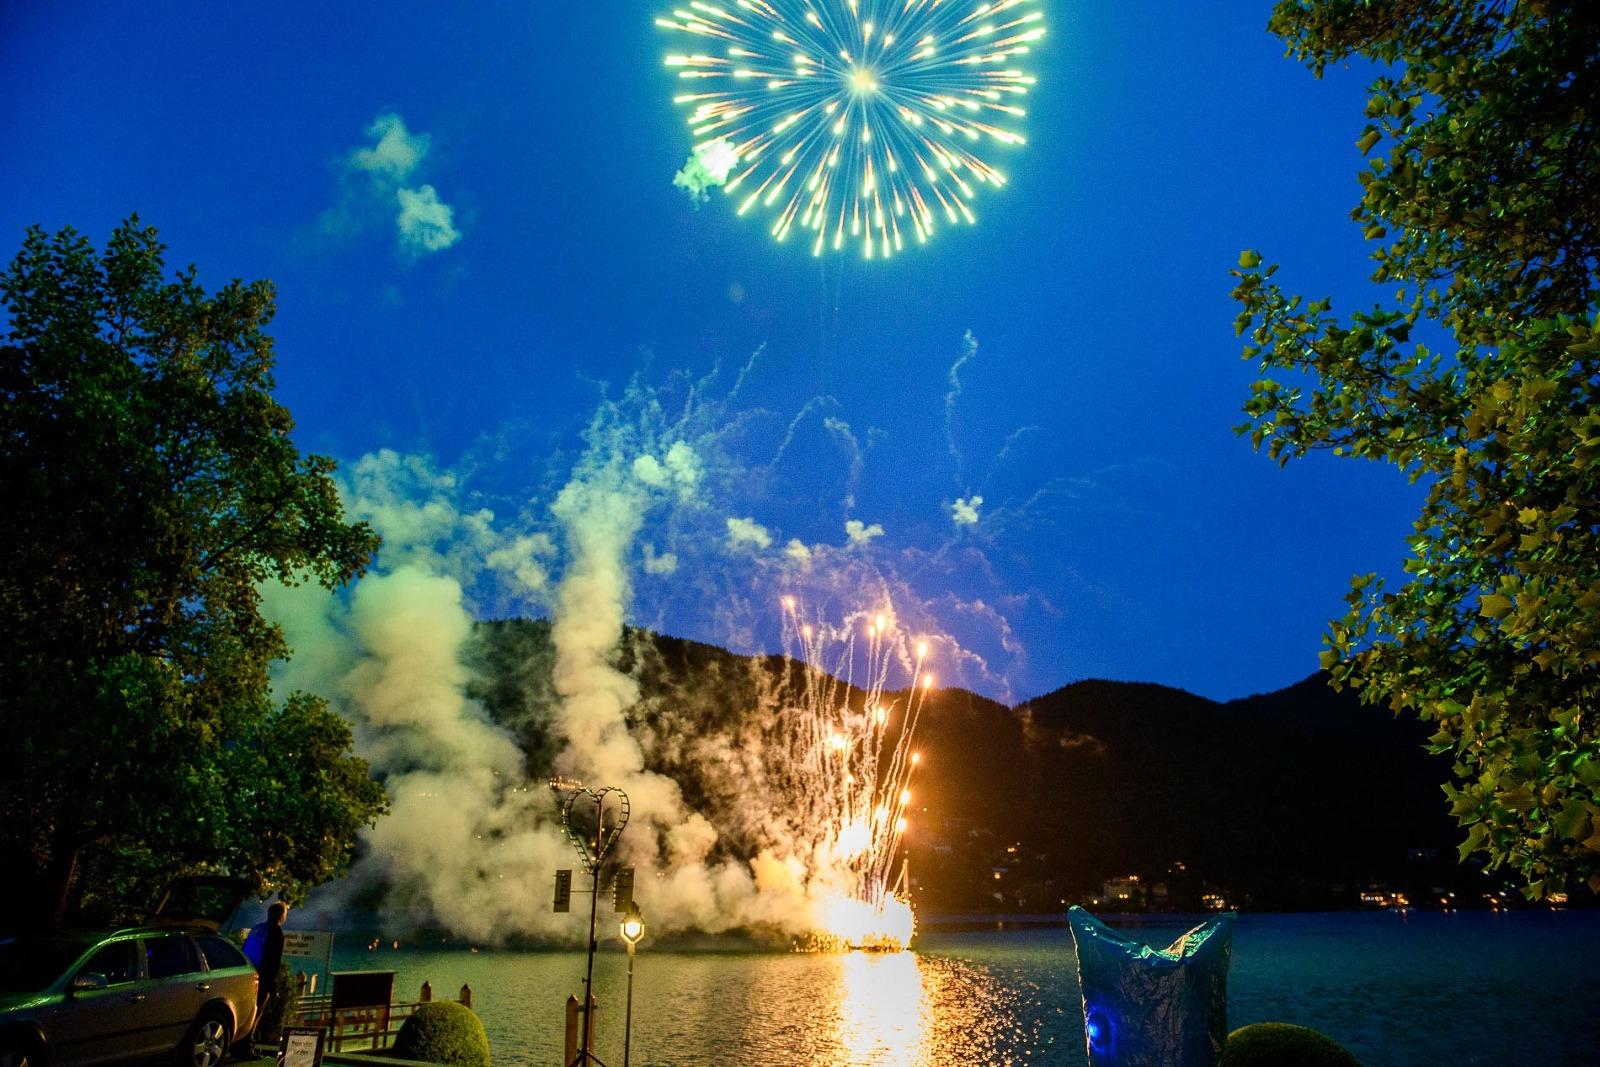 Hochzeits-Foto-Reportage Tegernsee, Feuerwerk in Rottach-Egern im Hotel Überfahrt